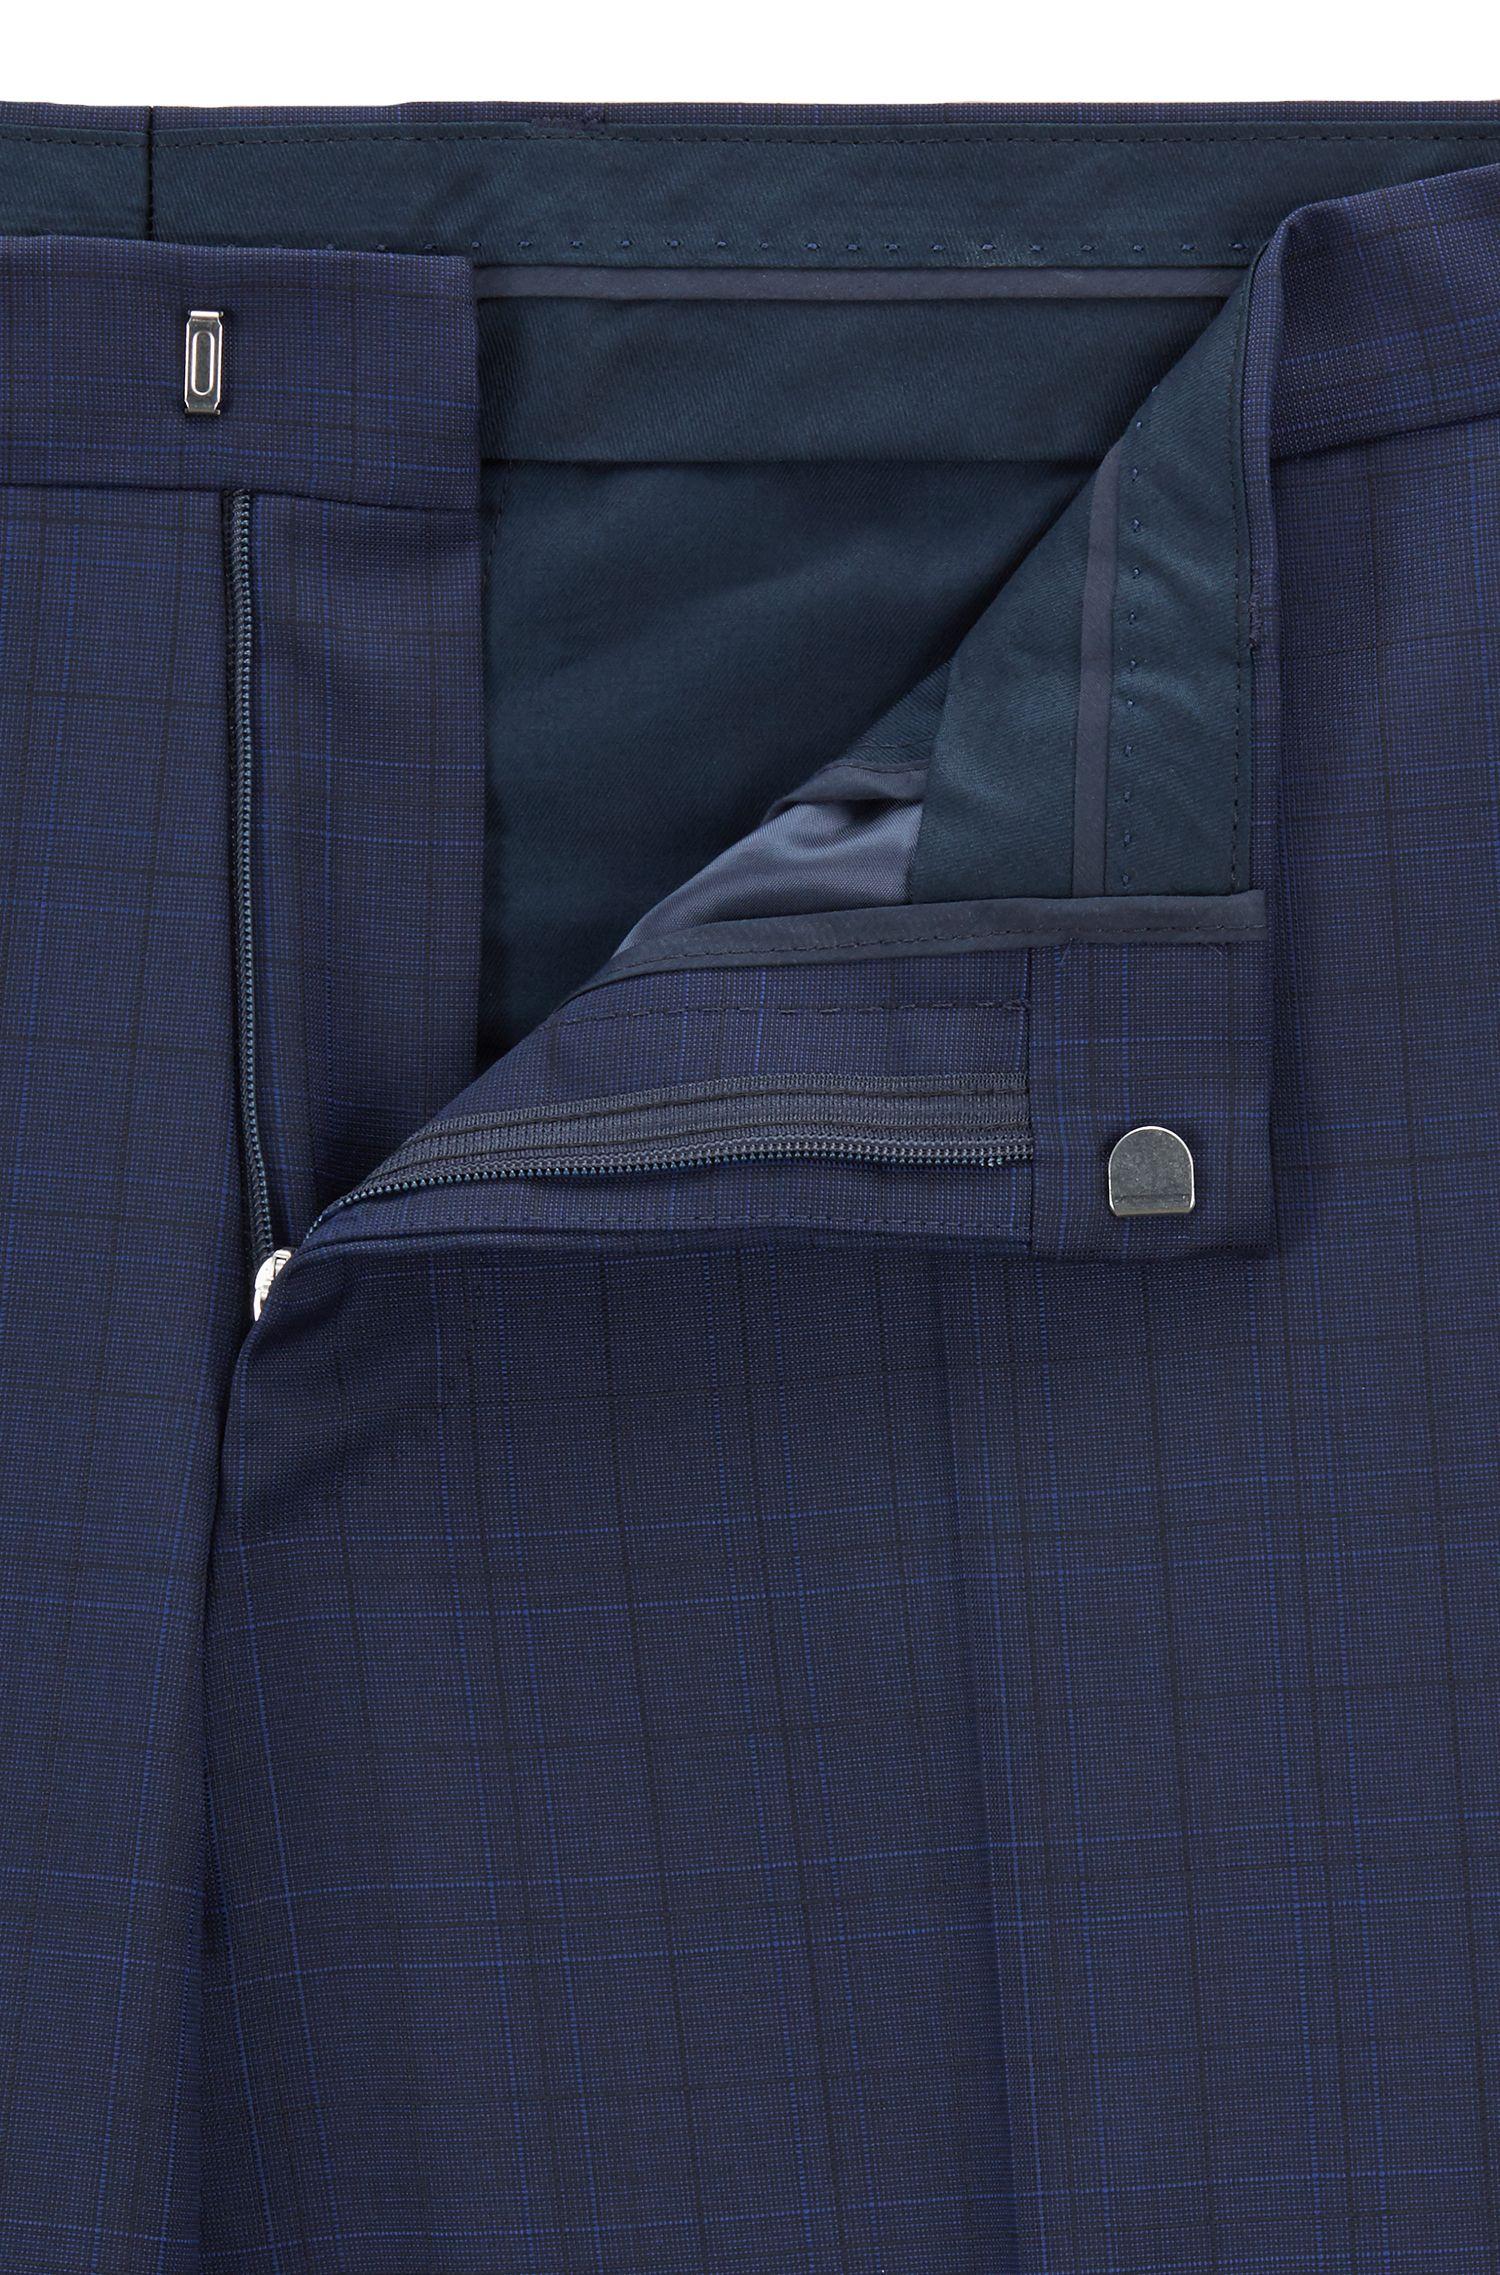 Pantaloni slim fit in lana vergine a quadri, Blue Scuro